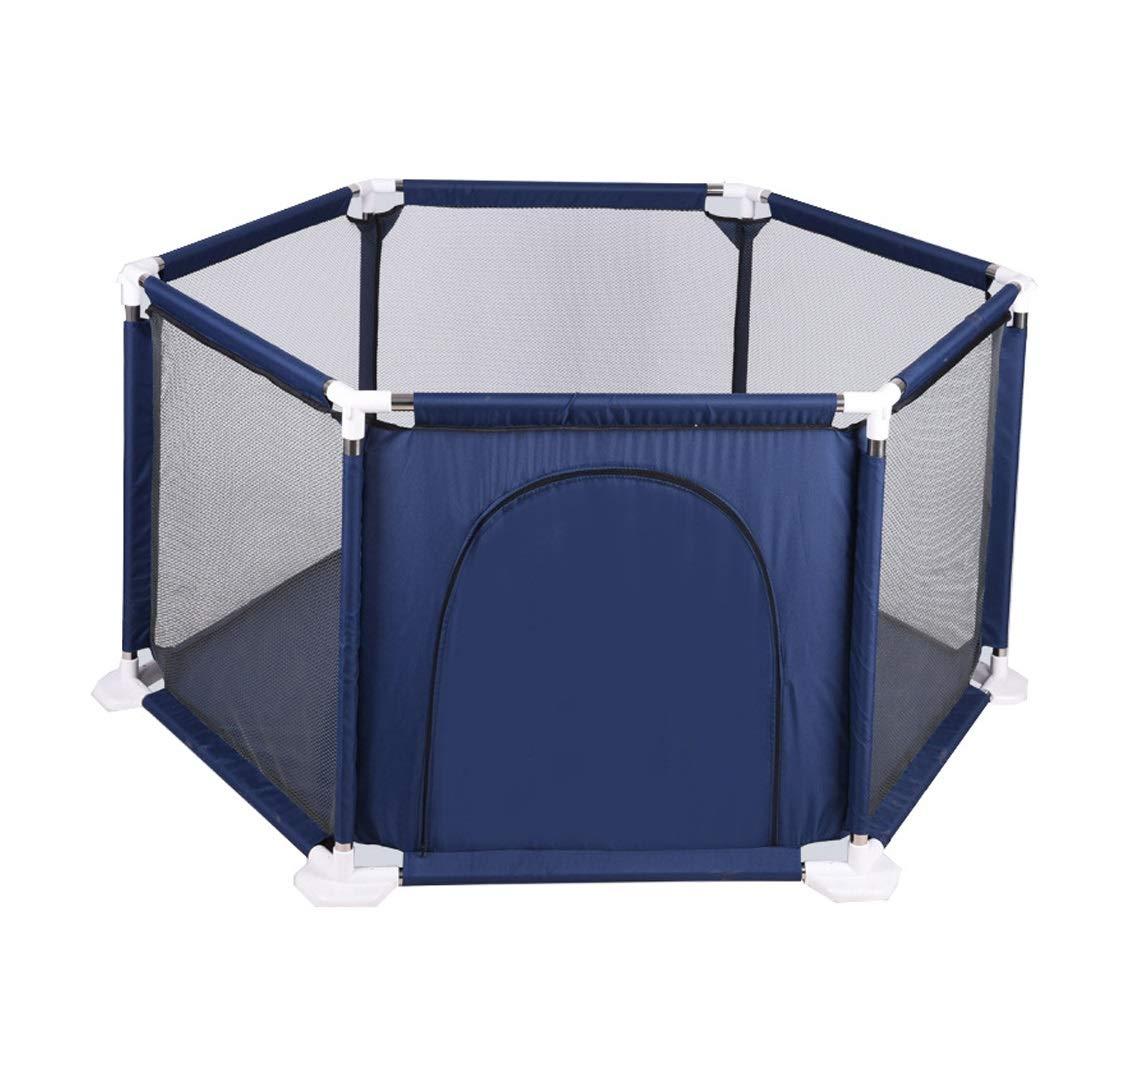 Obtén lo ultimo Promoción por tiempo limitado WEN-Playpens Juego de niños Cerca del del del bebé Interior de Arrastre para niños pequeños Juegos de Patio de Juguete 128  128  65.5cm (Color : Azul)  ahorra 50% -75% de descuento